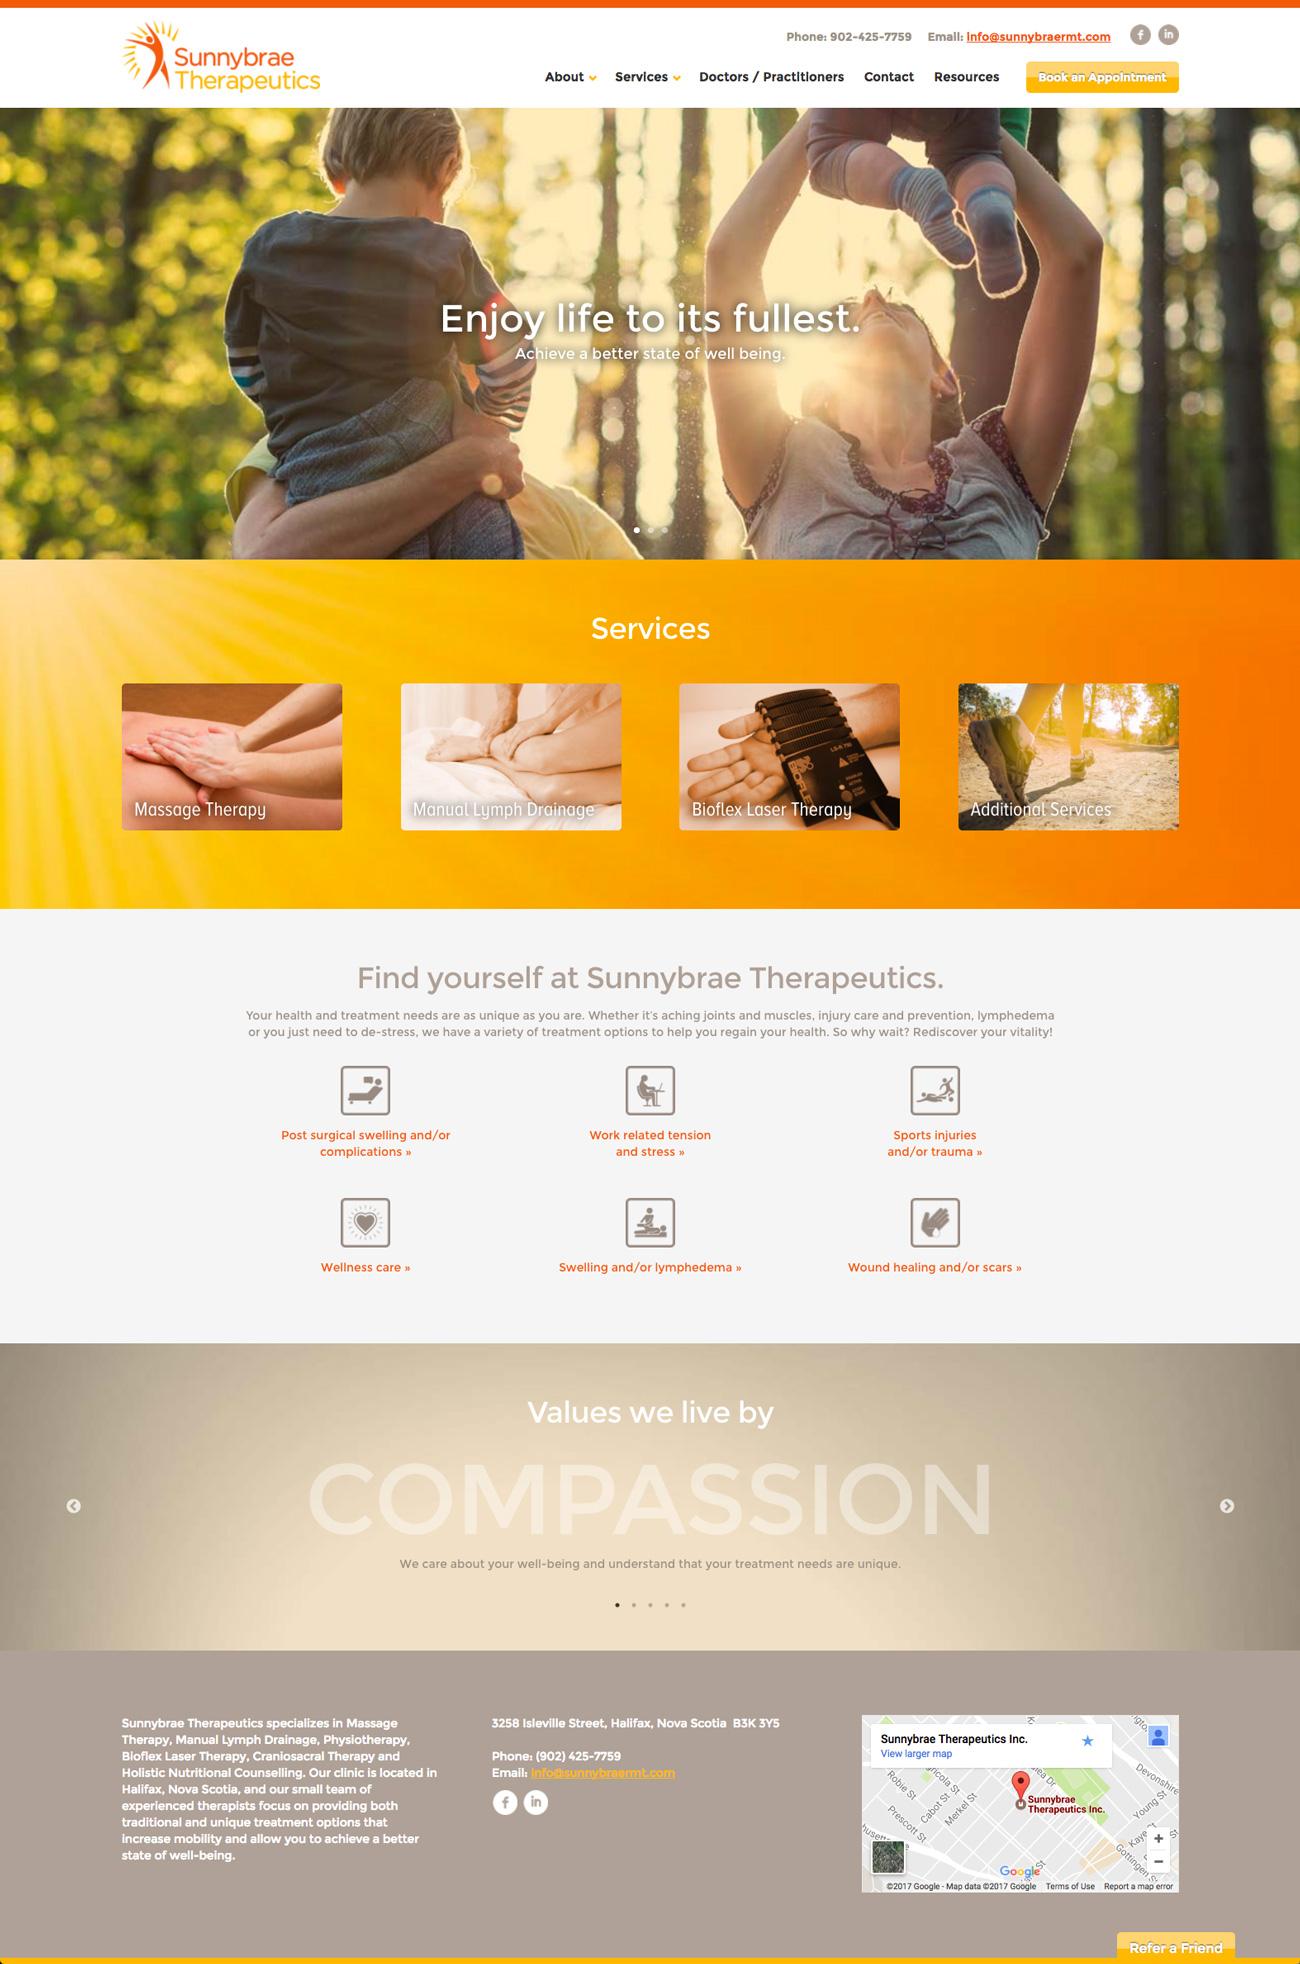 Sunnybrae Therapeutics